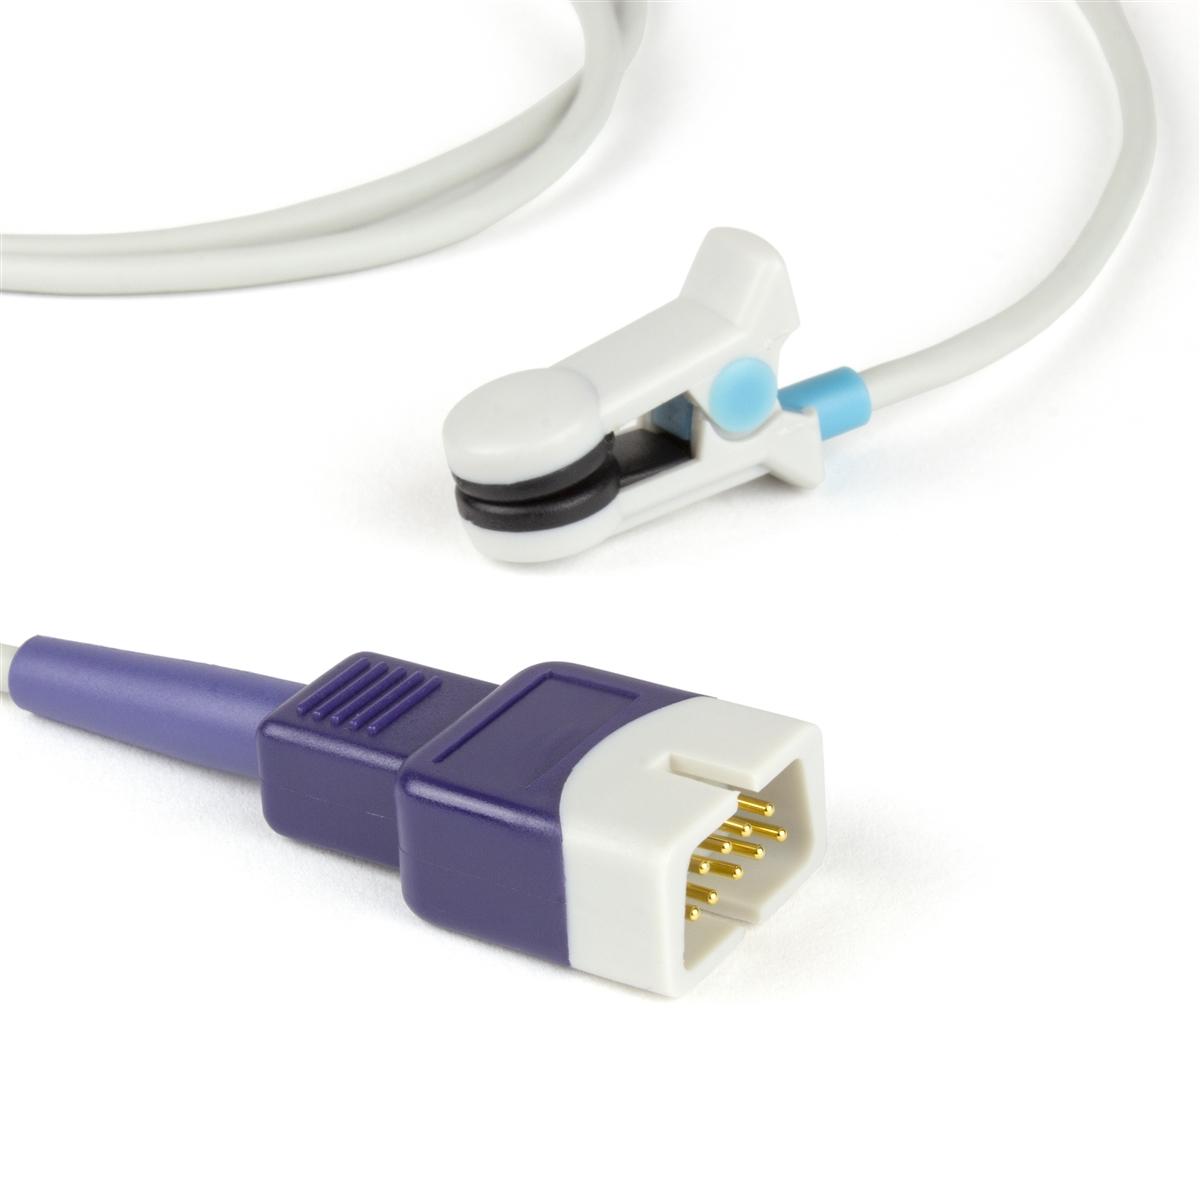 Nellcor Compatible OxiMax Ear Clip SpO2 Sensor OxiMax DB9 9 Pin Connector 3FT/1M Cable